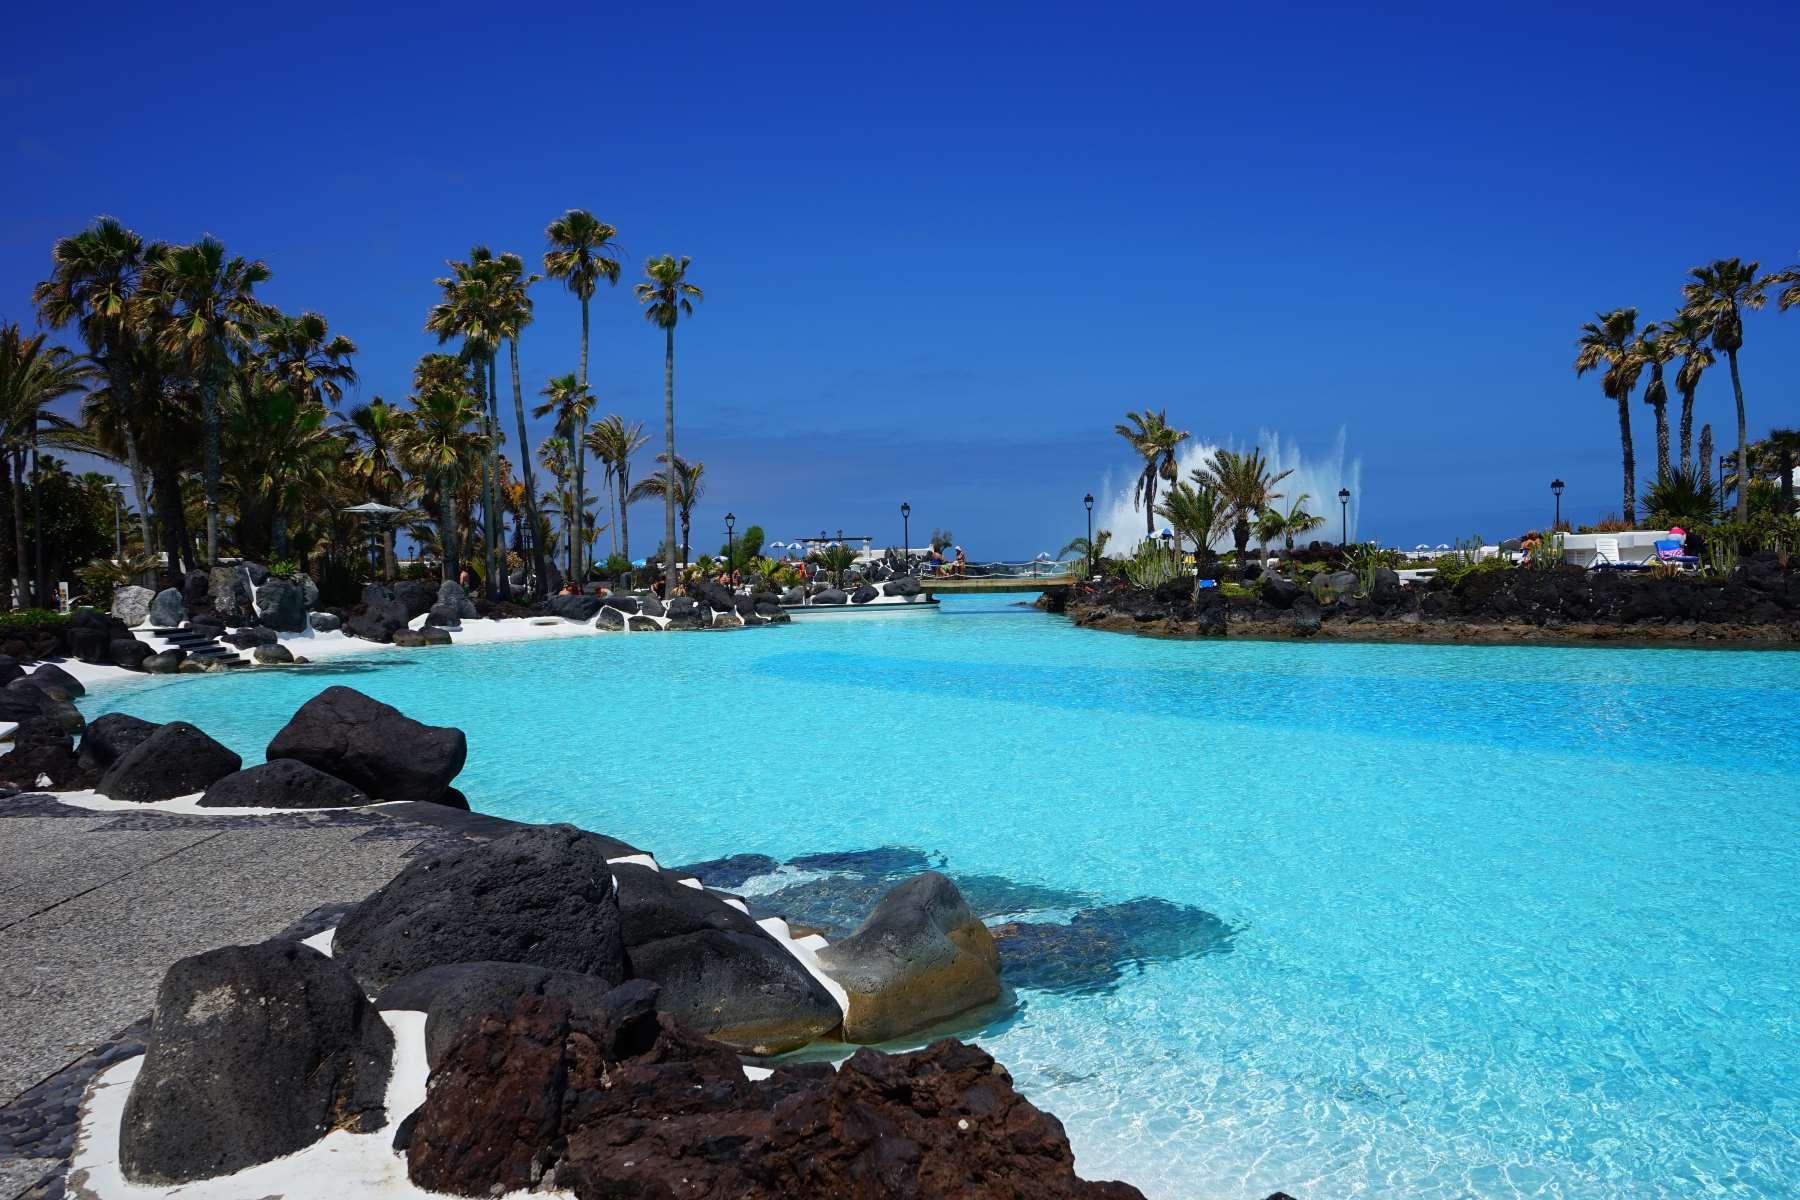 De Bedste Steder at bo på Tenerife - Puerto de la Cruz - Rejs Dig Lykkelig